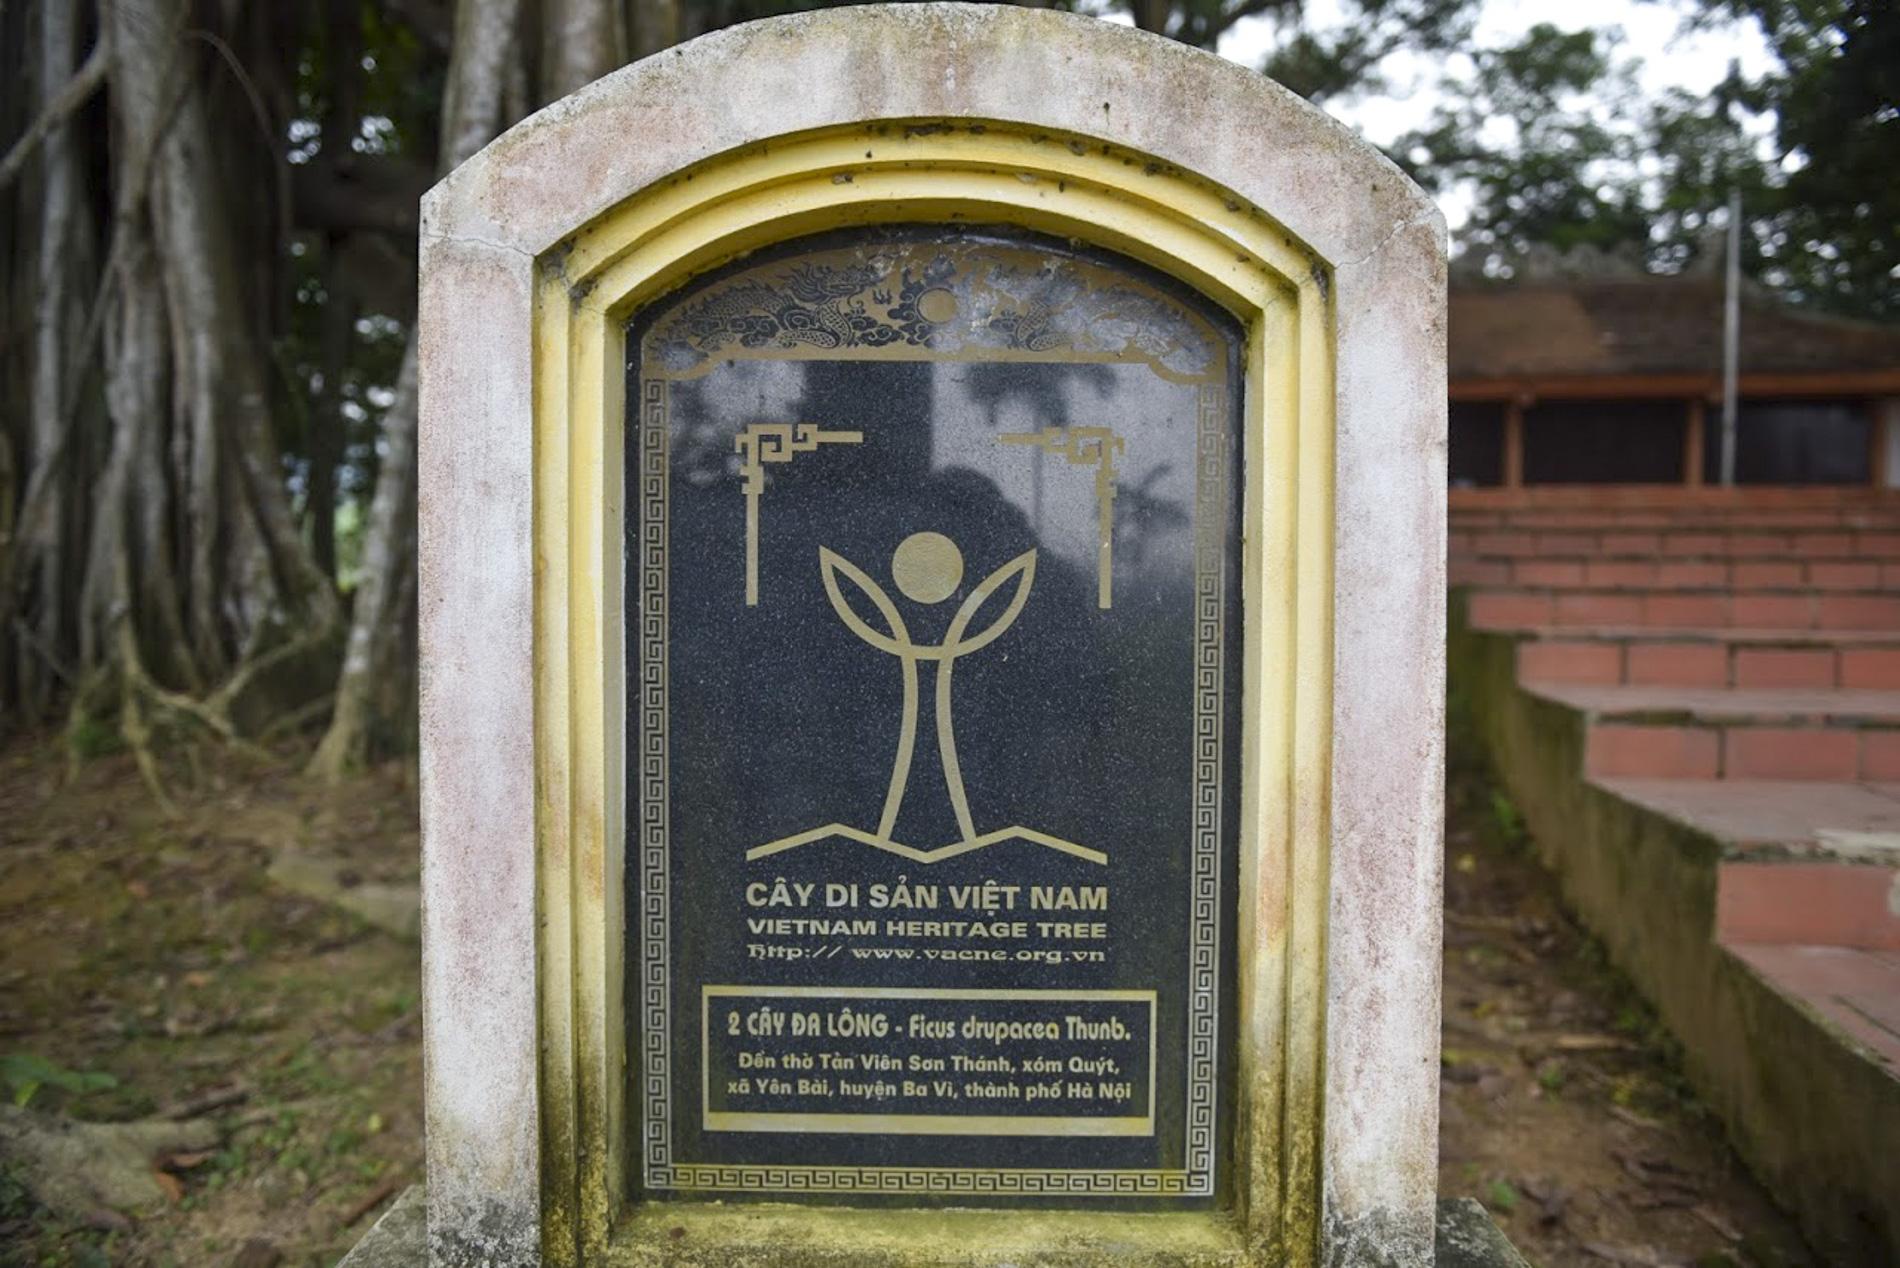 """Chiêm ngưỡng """"báu vật"""" xanh bên đền cổ thờ Tản Viên Sơn Thánh - Ảnh 5."""